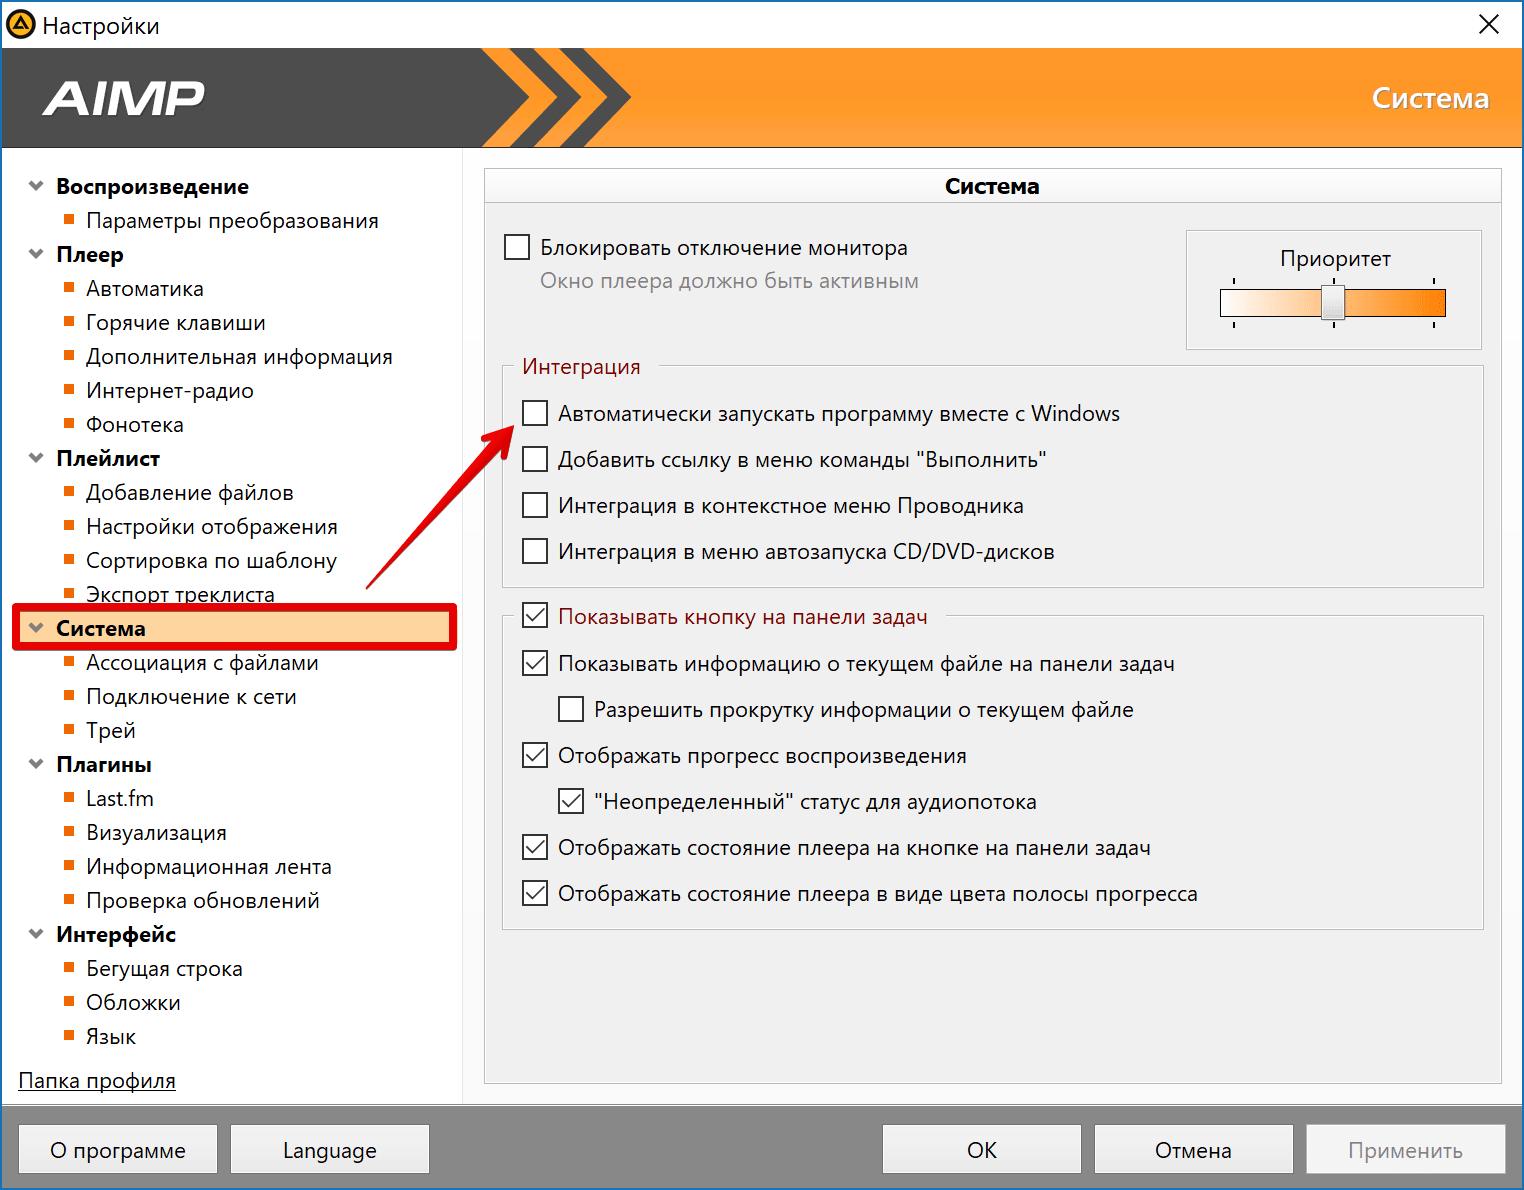 nastrojka-avtozapuska-programm-v-windows-image12.png